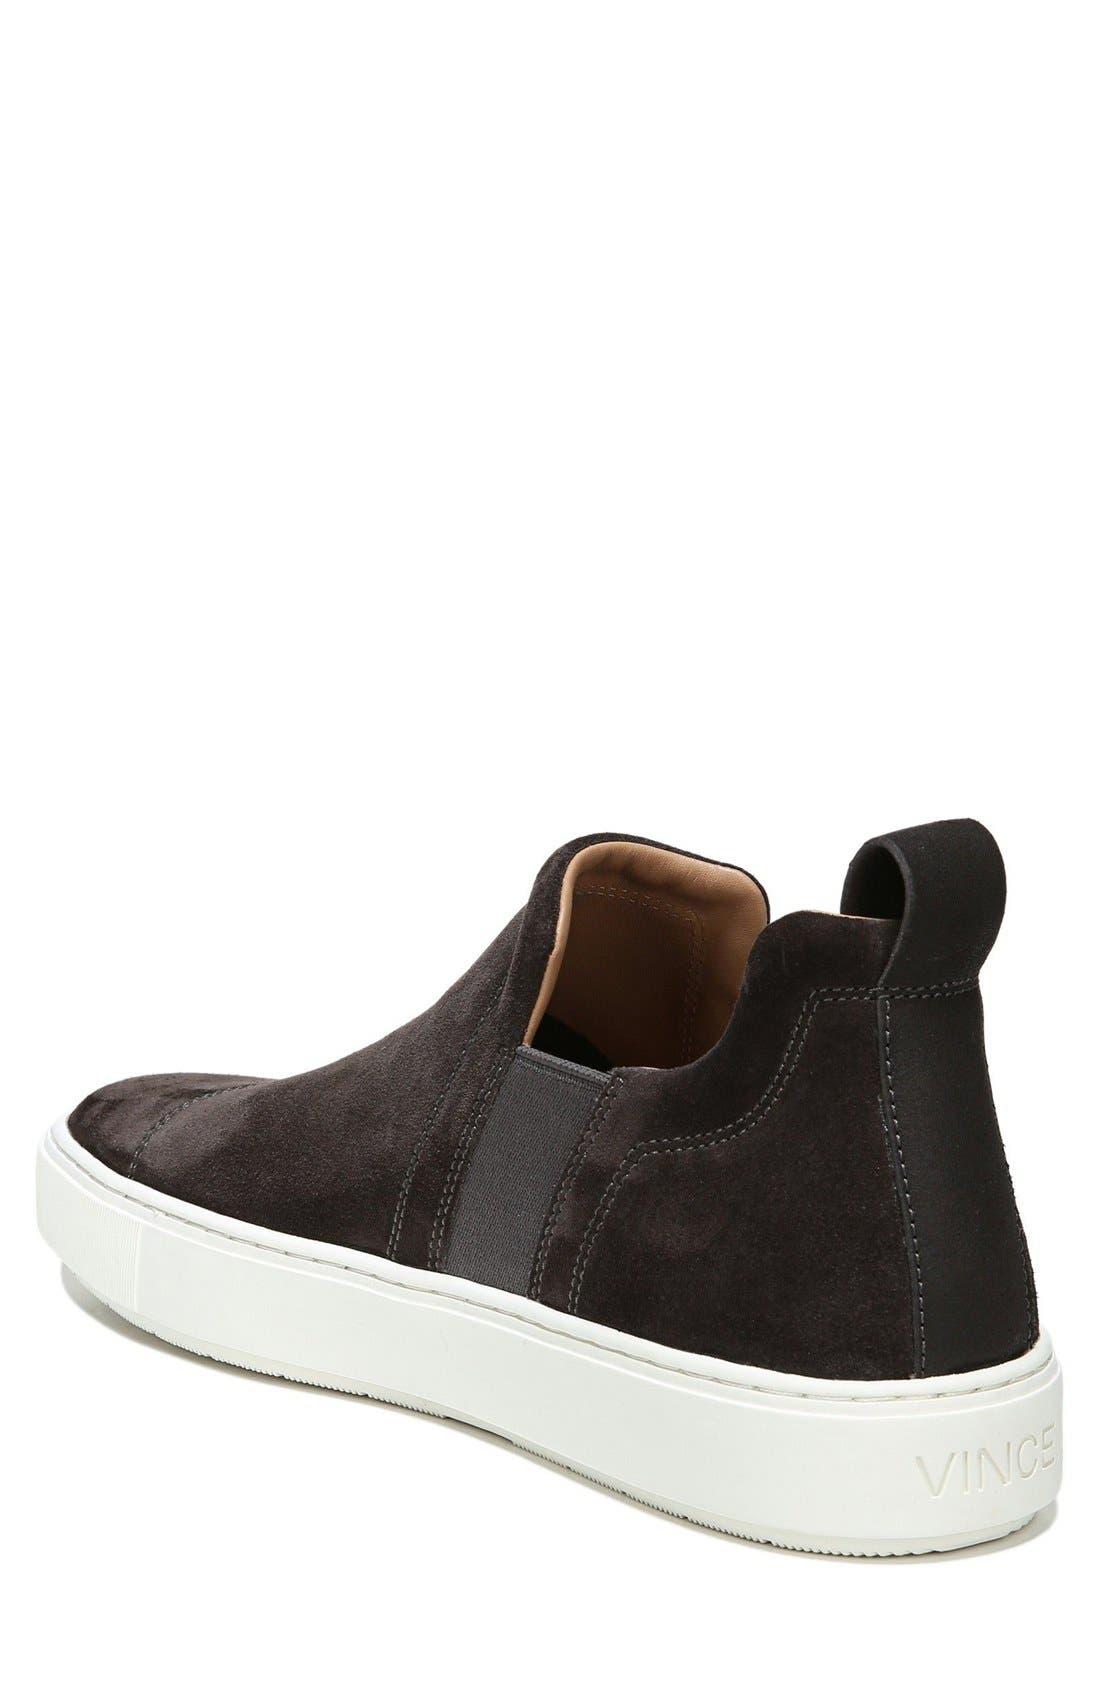 Lucio Slip-On Sneaker,                             Alternate thumbnail 15, color,